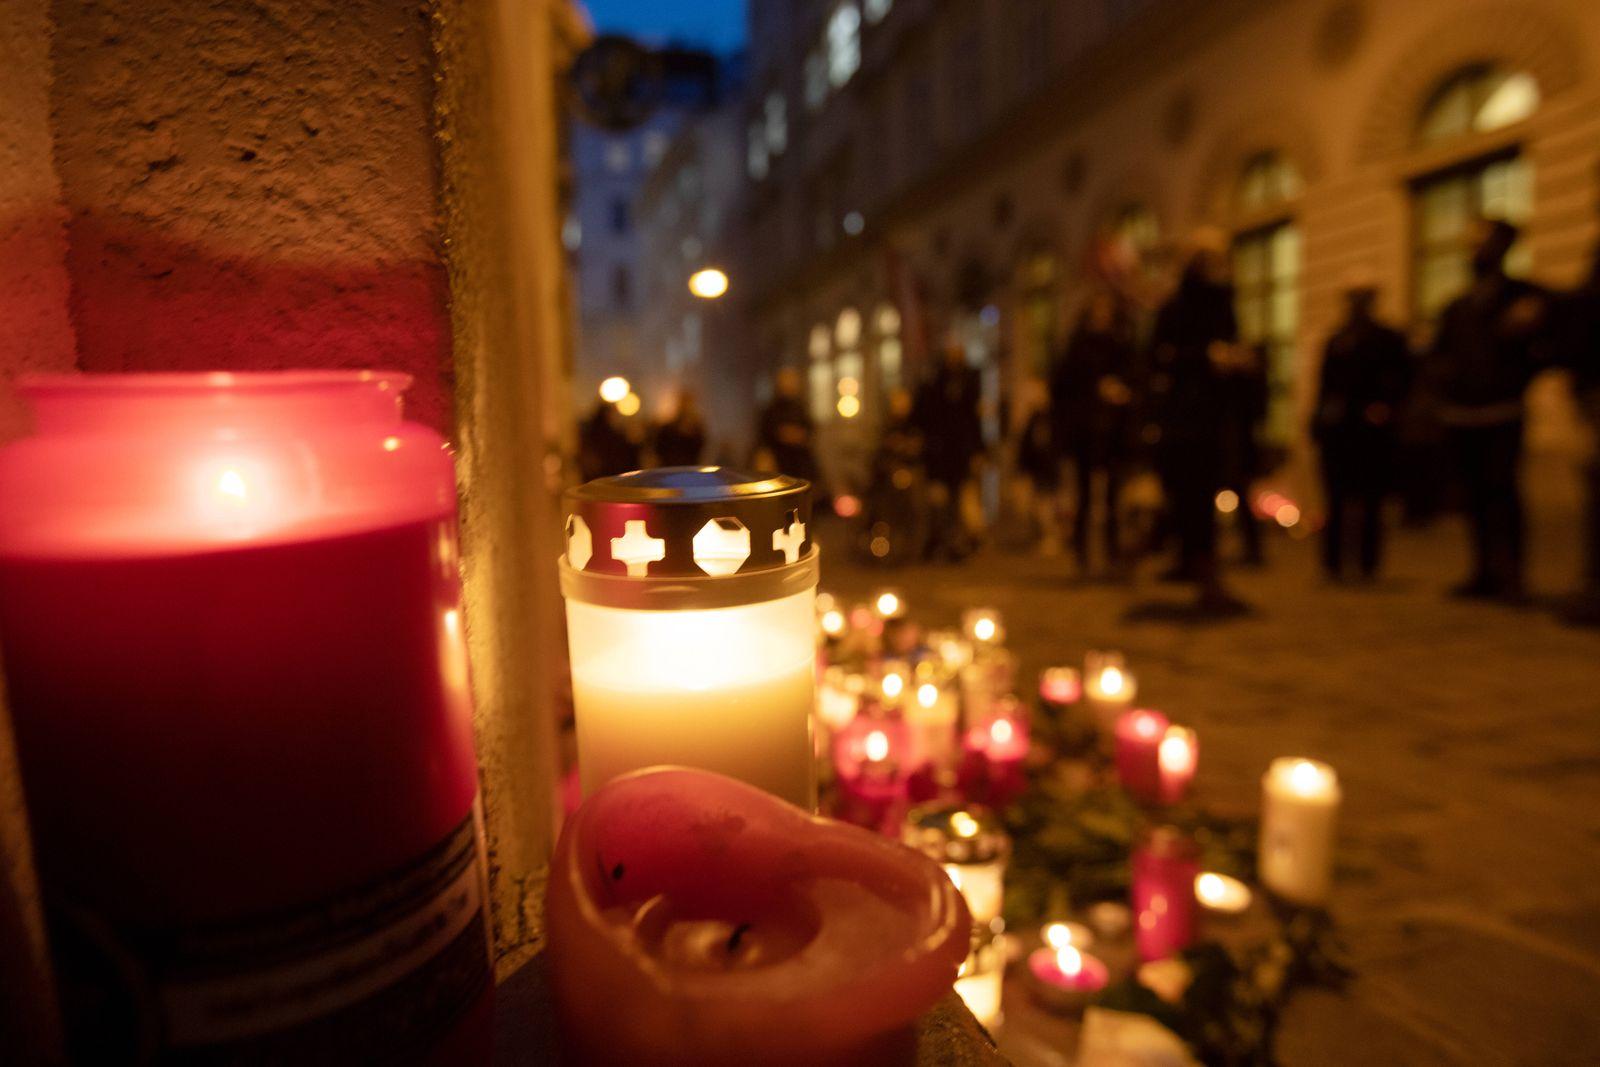 AUSTRIA - VIENNA - TERROR - ATTACK ÖSTERREICH; WIEN; 20201104; Kerzen brennen in der Seitenstettengasse in der Nähe des